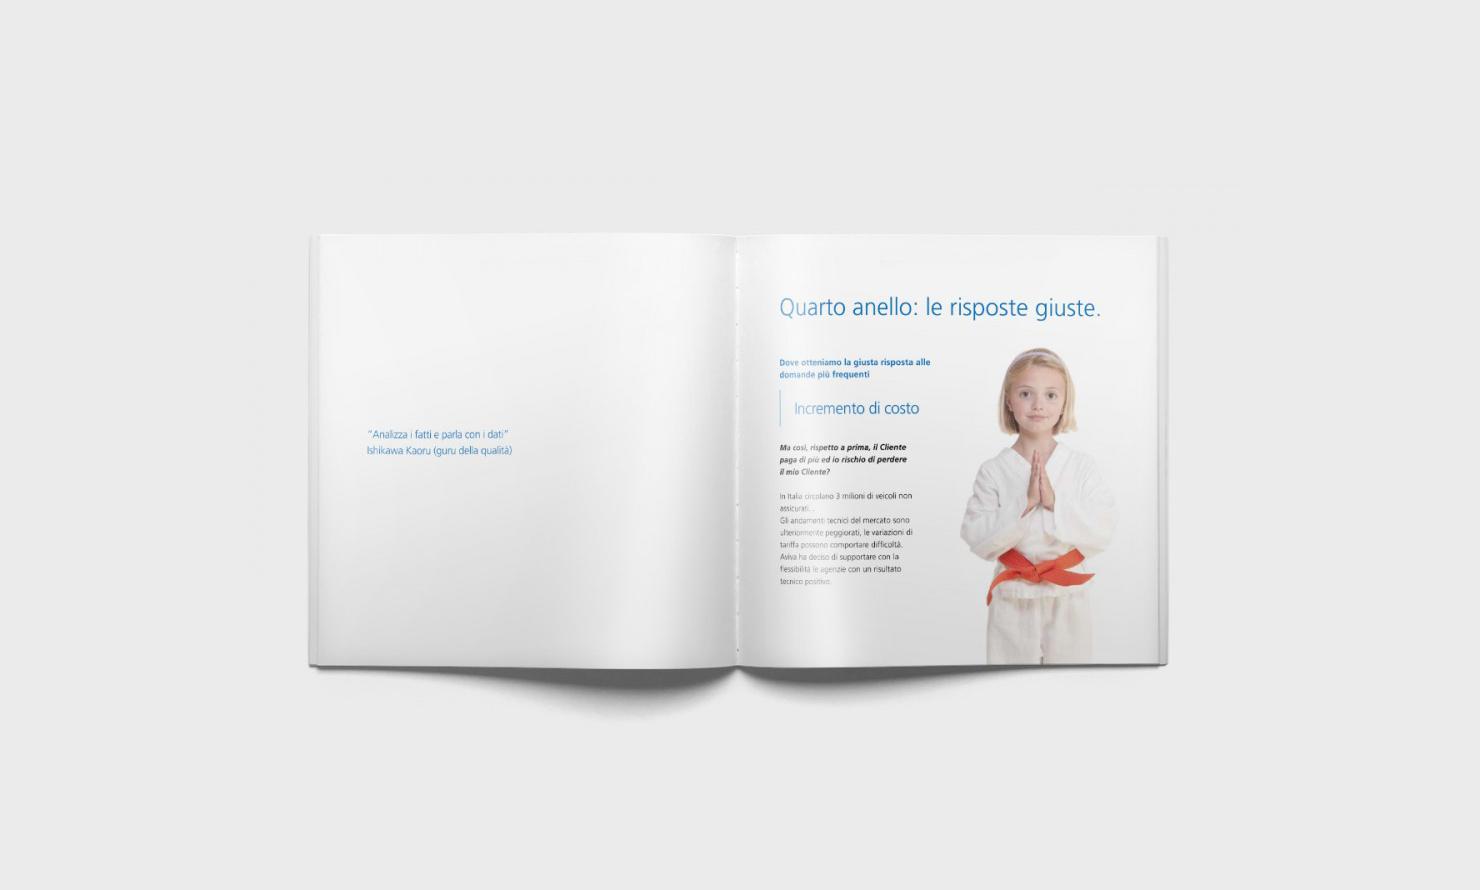 https://kubelibre.com/uploads/Slider-work-tutti-clienti/aviva-kit-agenti-il-libro-dei-cinque-anelli-3.jpg